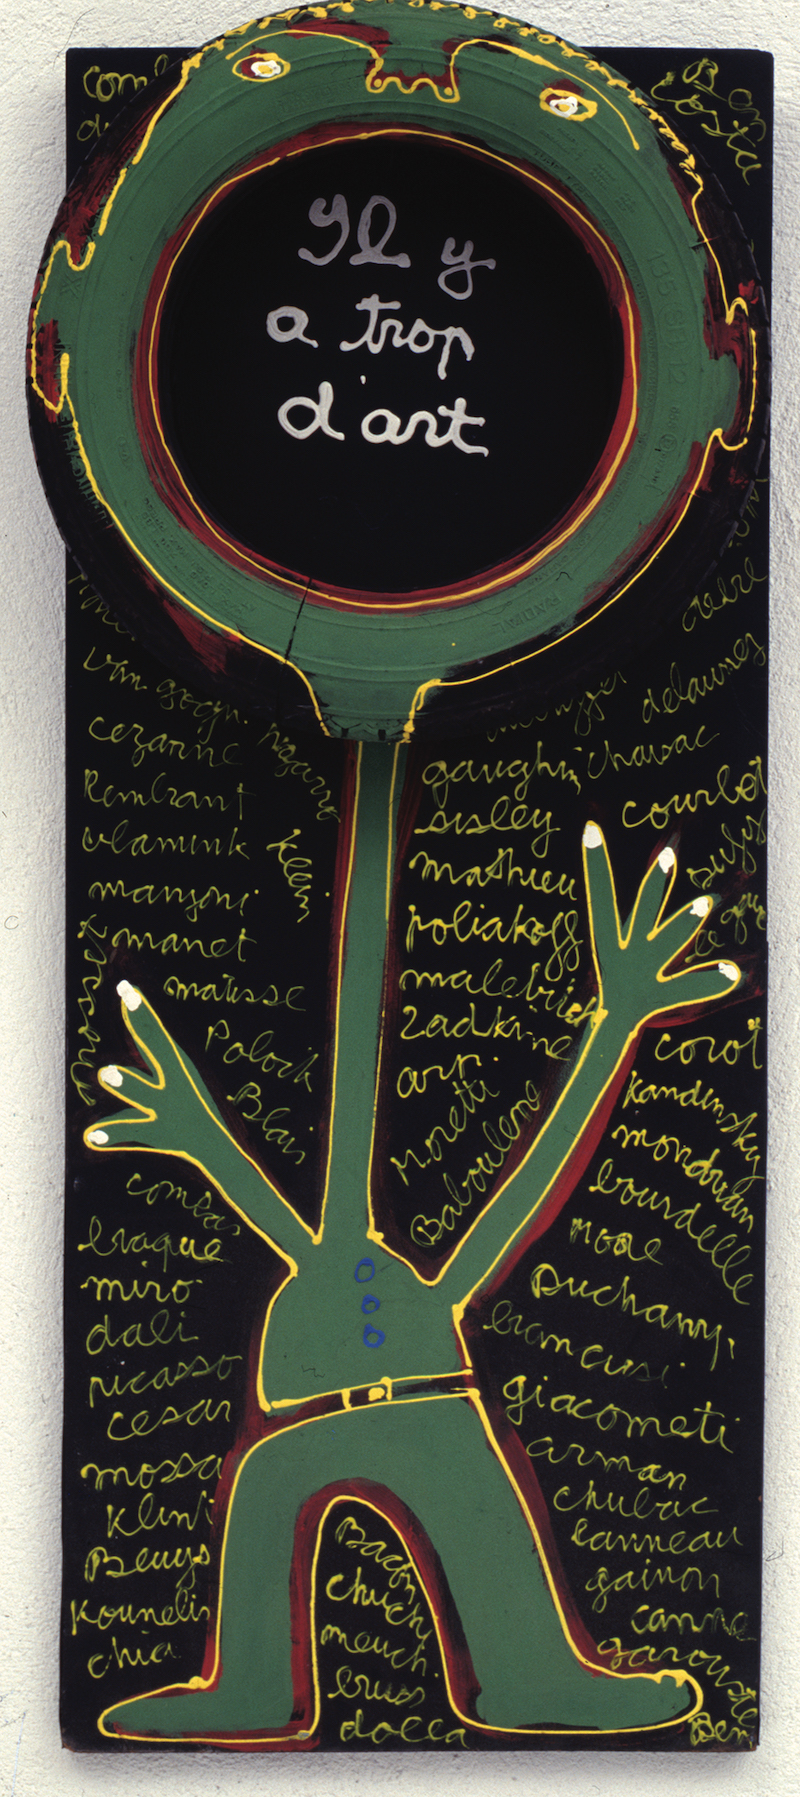 Tout va bien, monsieur Matisse : Ben Il y a trop d'art, 1985 Bois peint et pneu 125 x 50 cm MAMAC, Nice Photo Droits réservés © Ben Vautier ADAGP, Paris, 2020